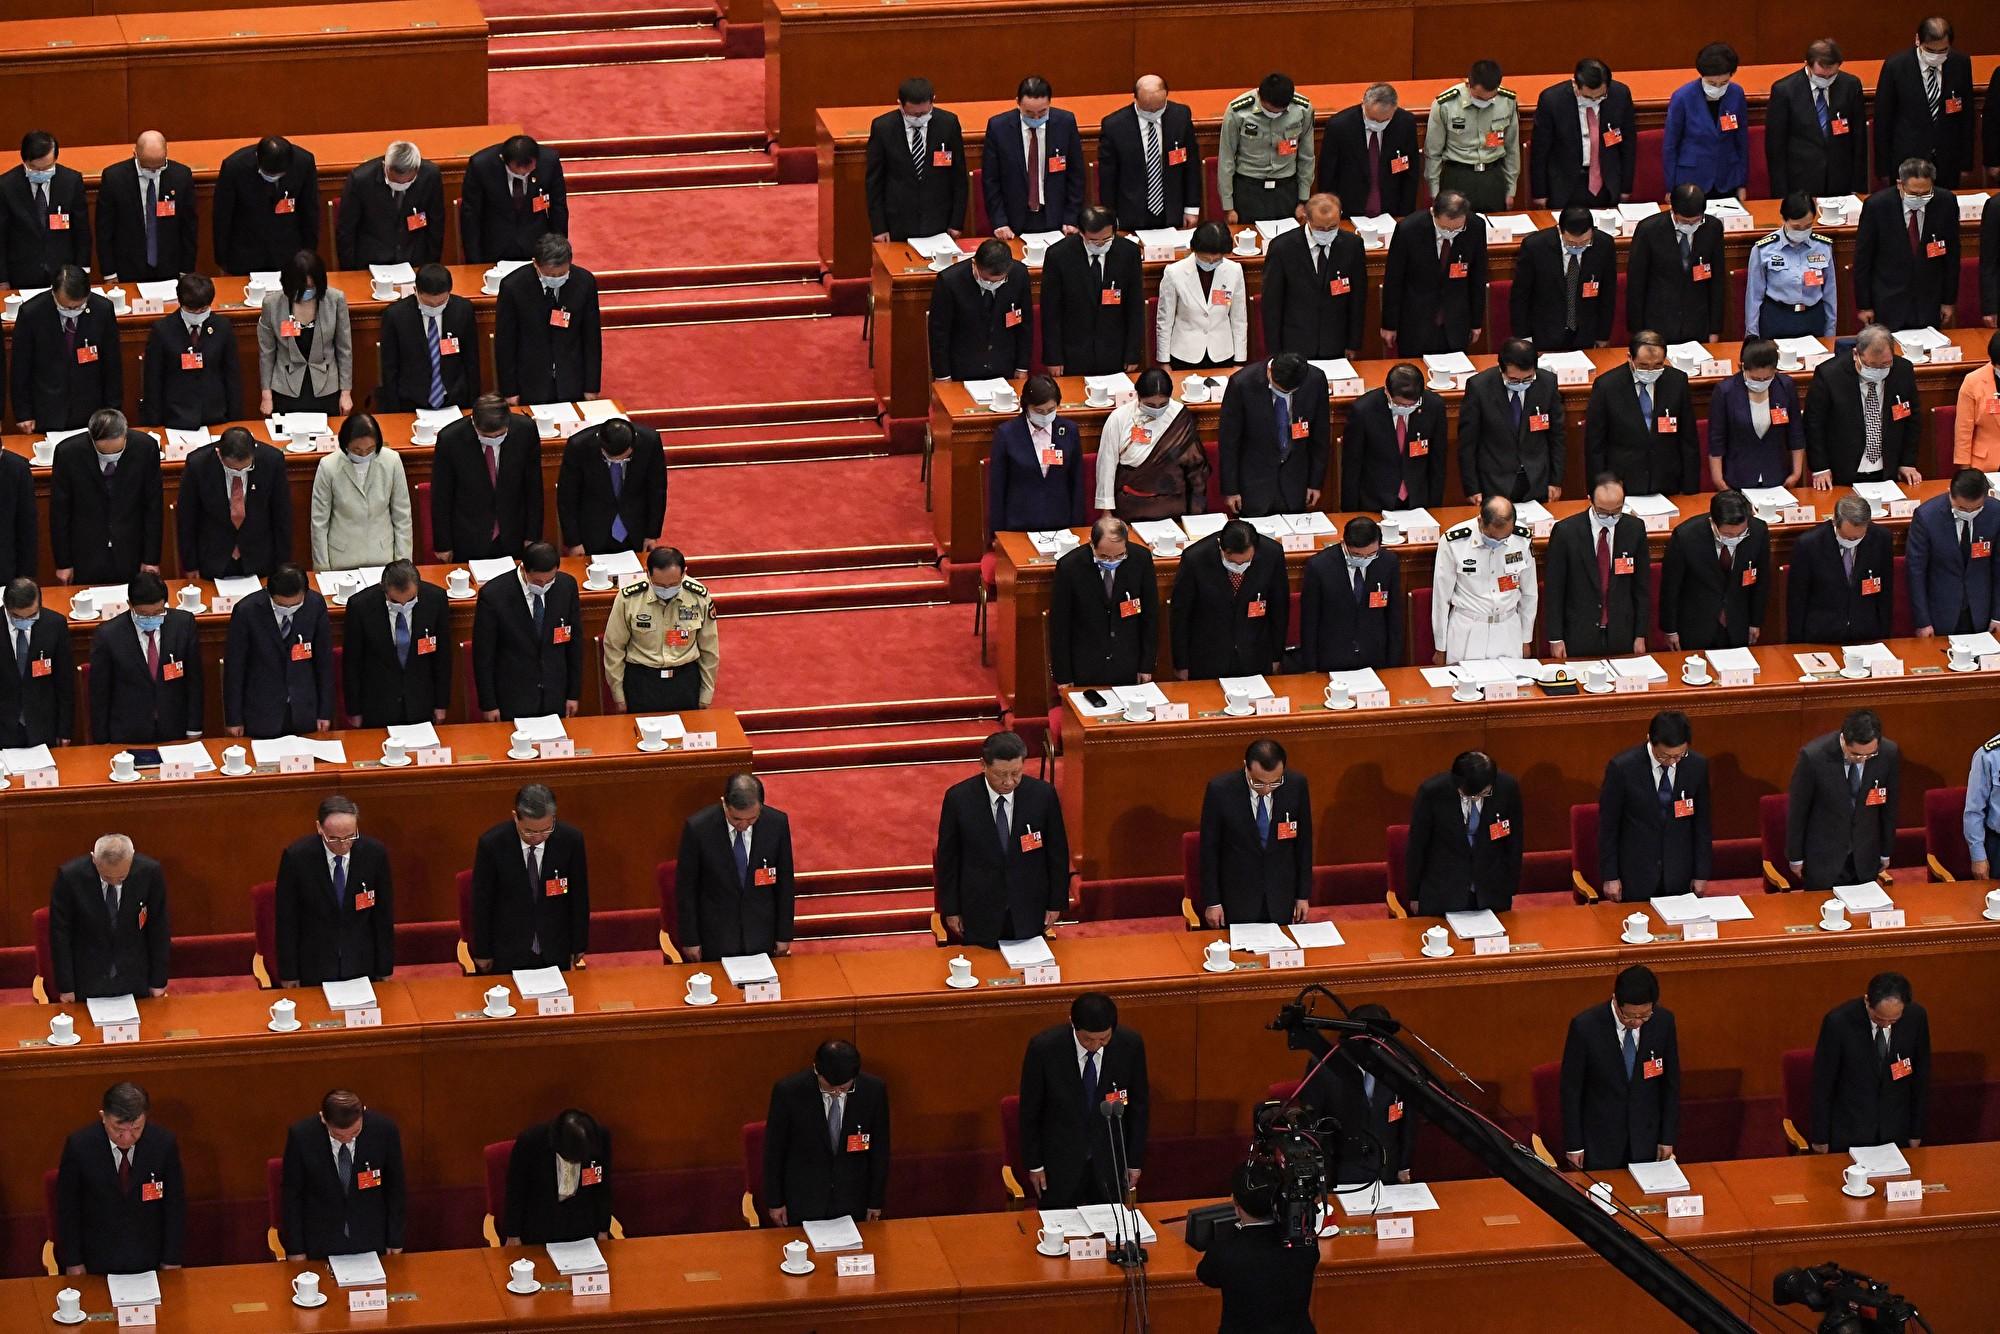 大陸學者:香港失去地位 中國經濟將受重擊